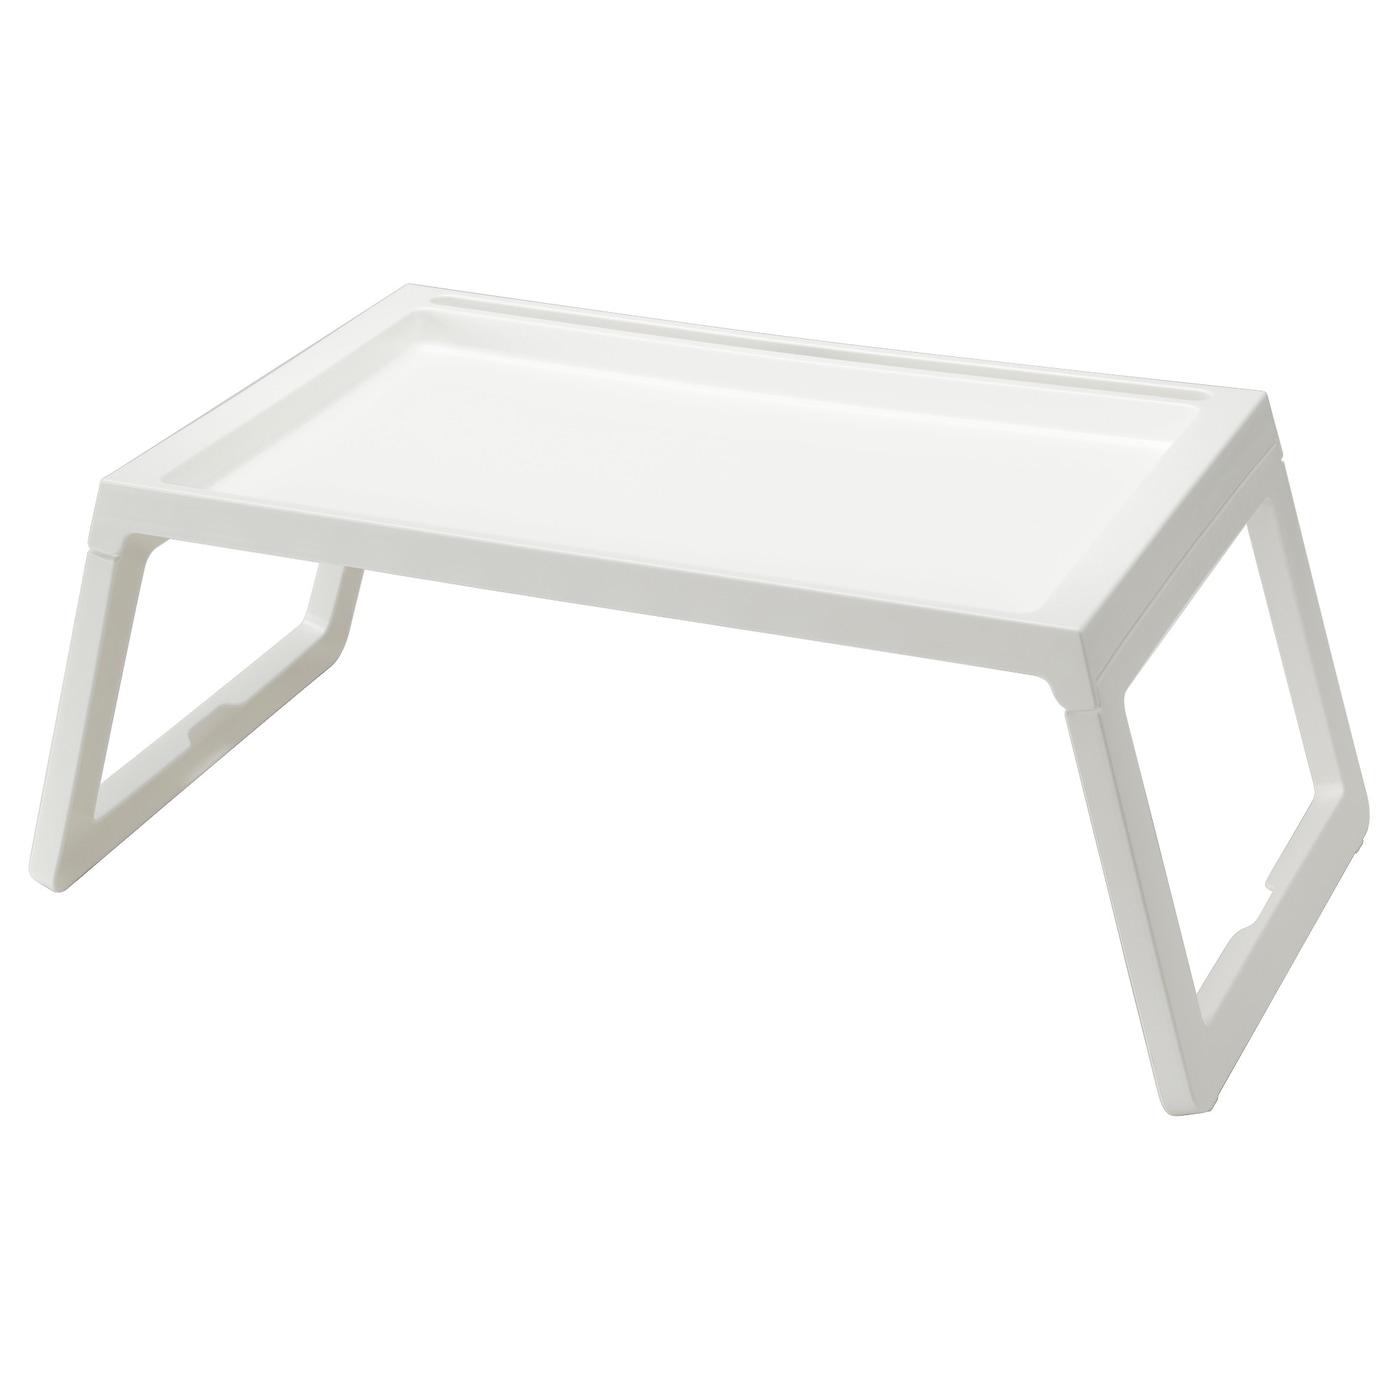 IKEA KLIPSK biały stolik-tacka ze składanymi nogami, 56x36 cm